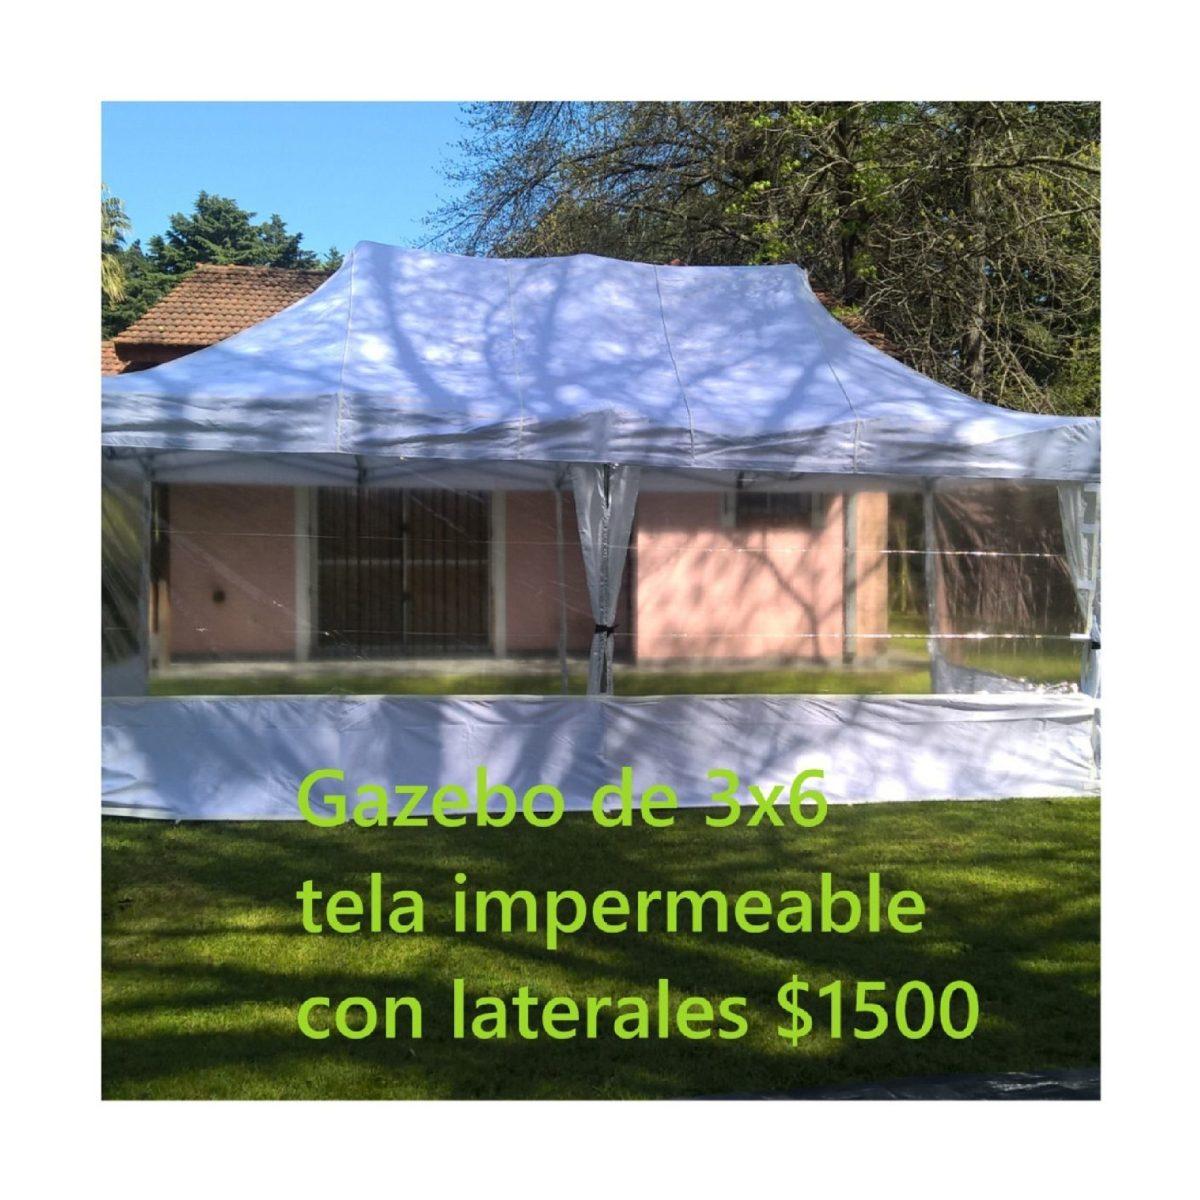 Juego De Baño Zona Norte: ,inflables Y Juegos Zona Norte – Escobar – $ 350,00 en Mercado Libre